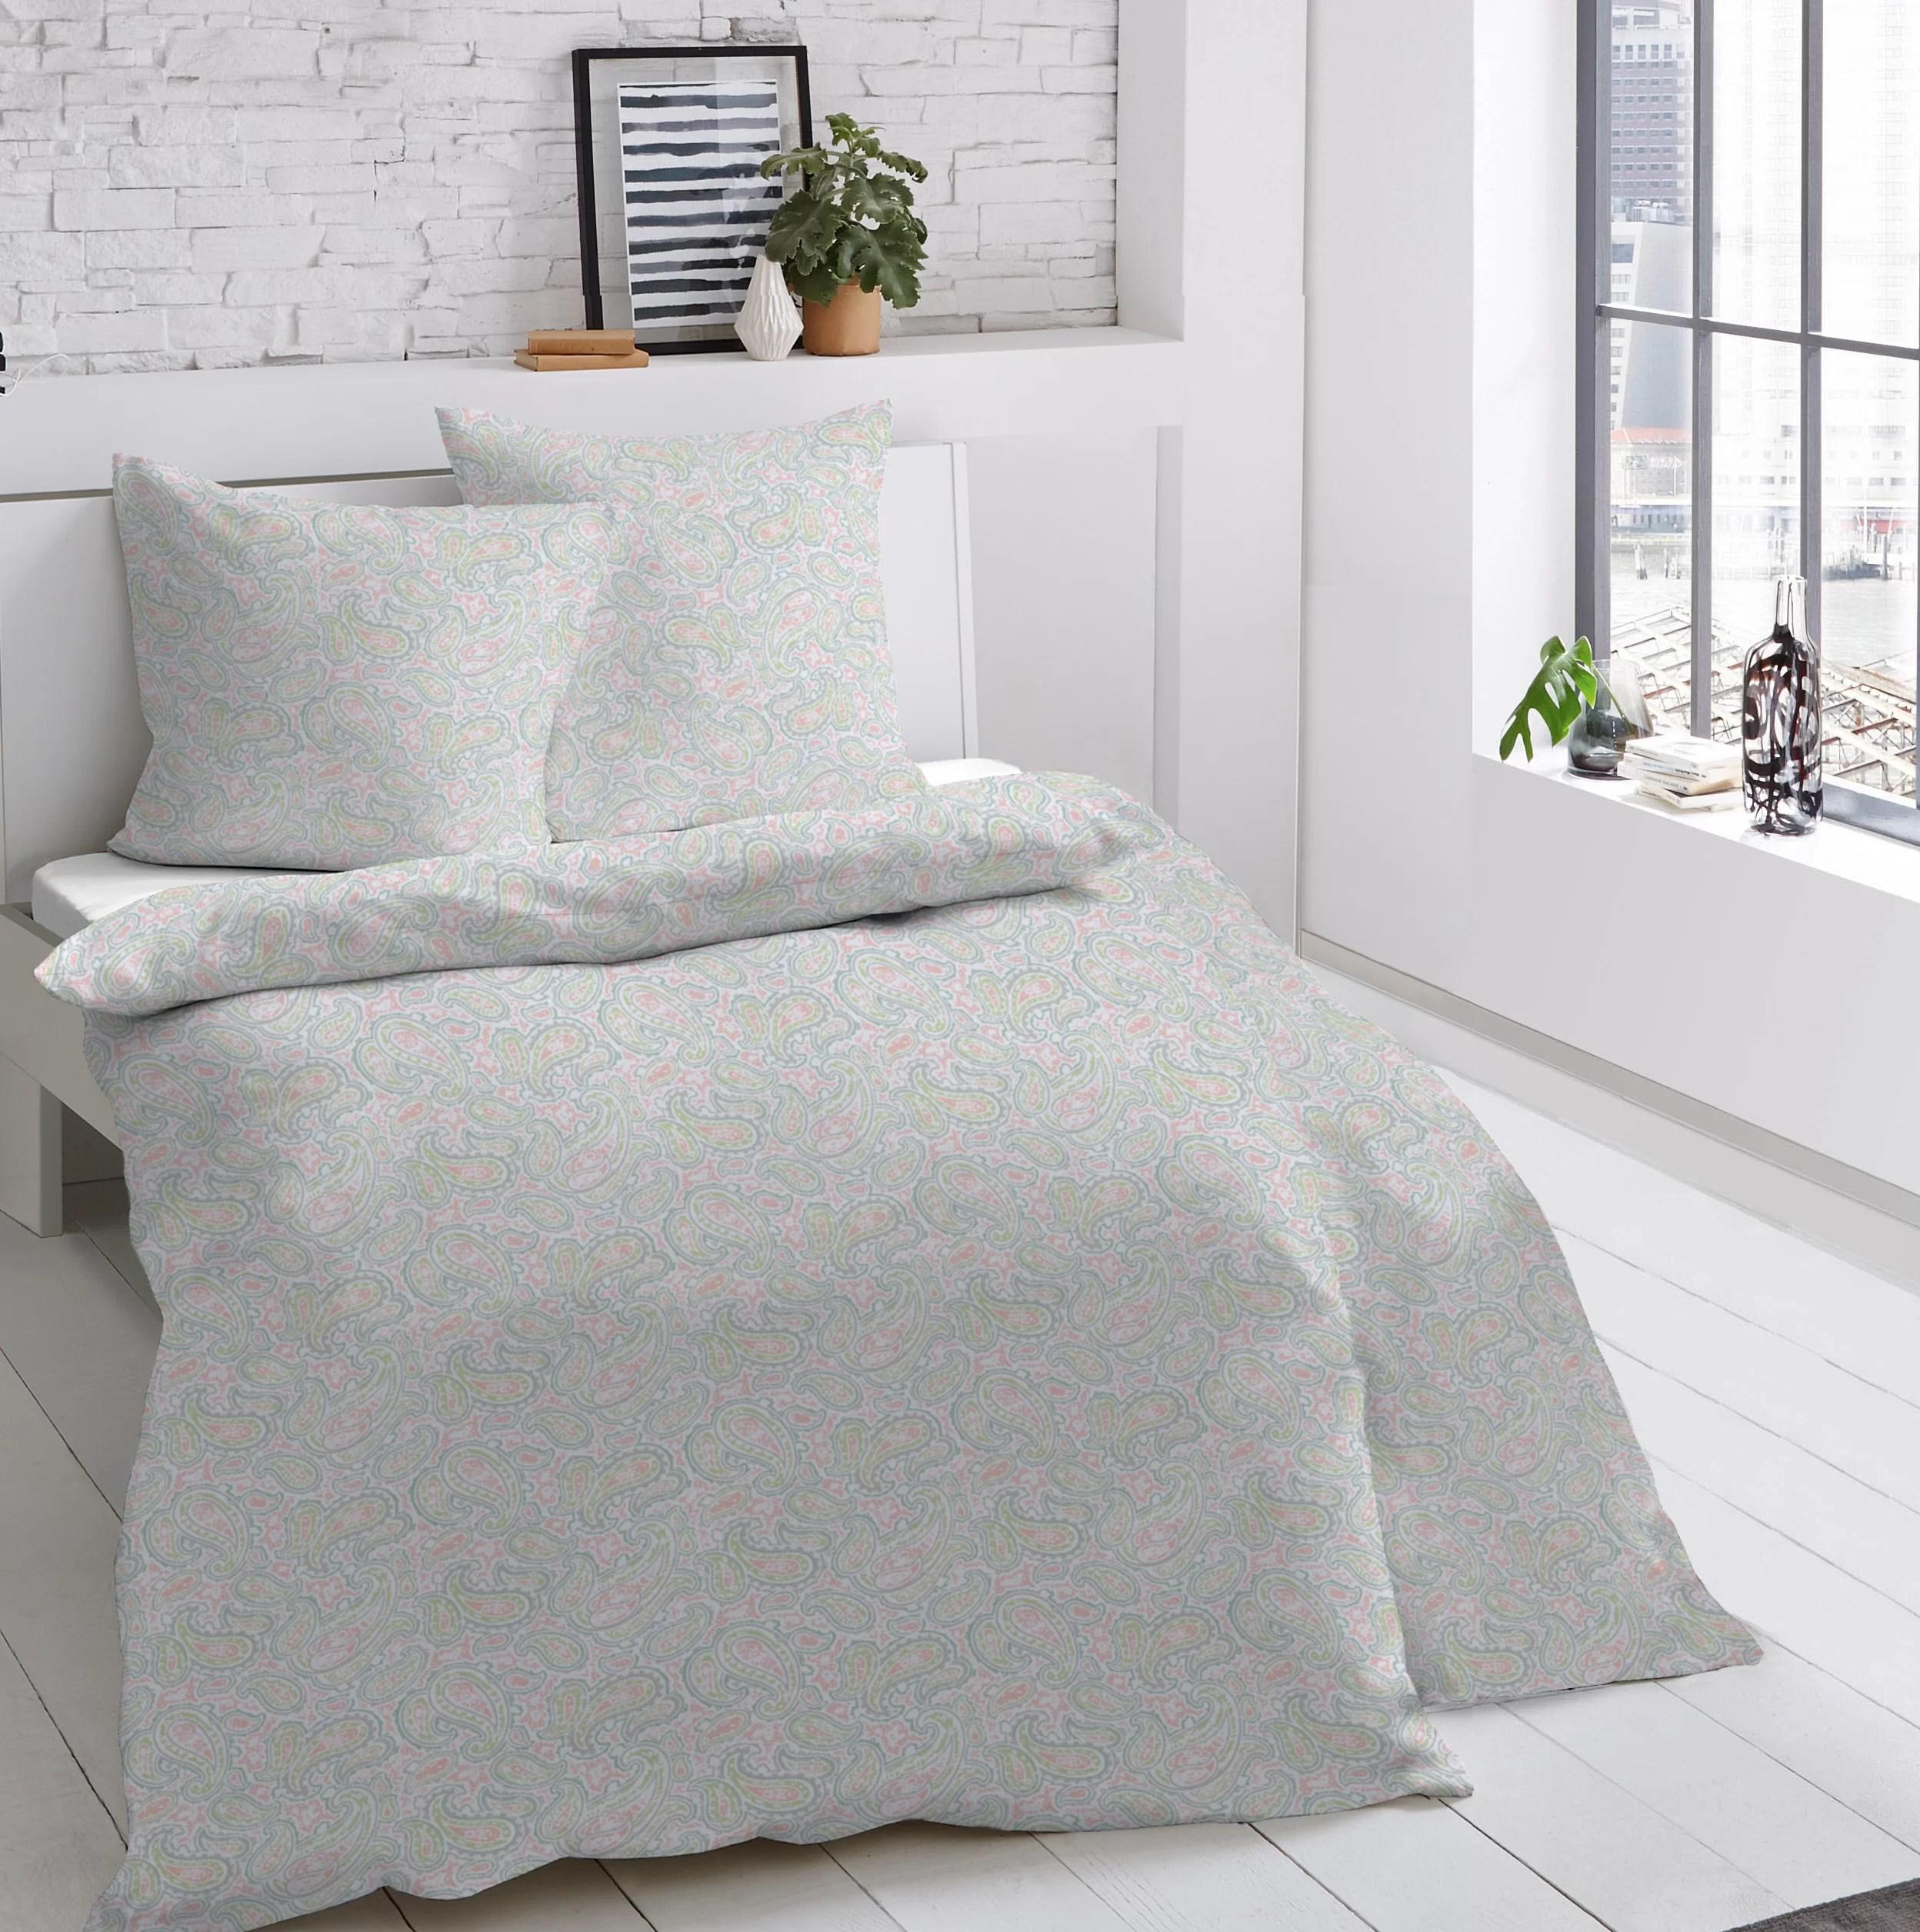 Bettwäsche Normale Größe Nimm Deine Werke Mit Ins Bett